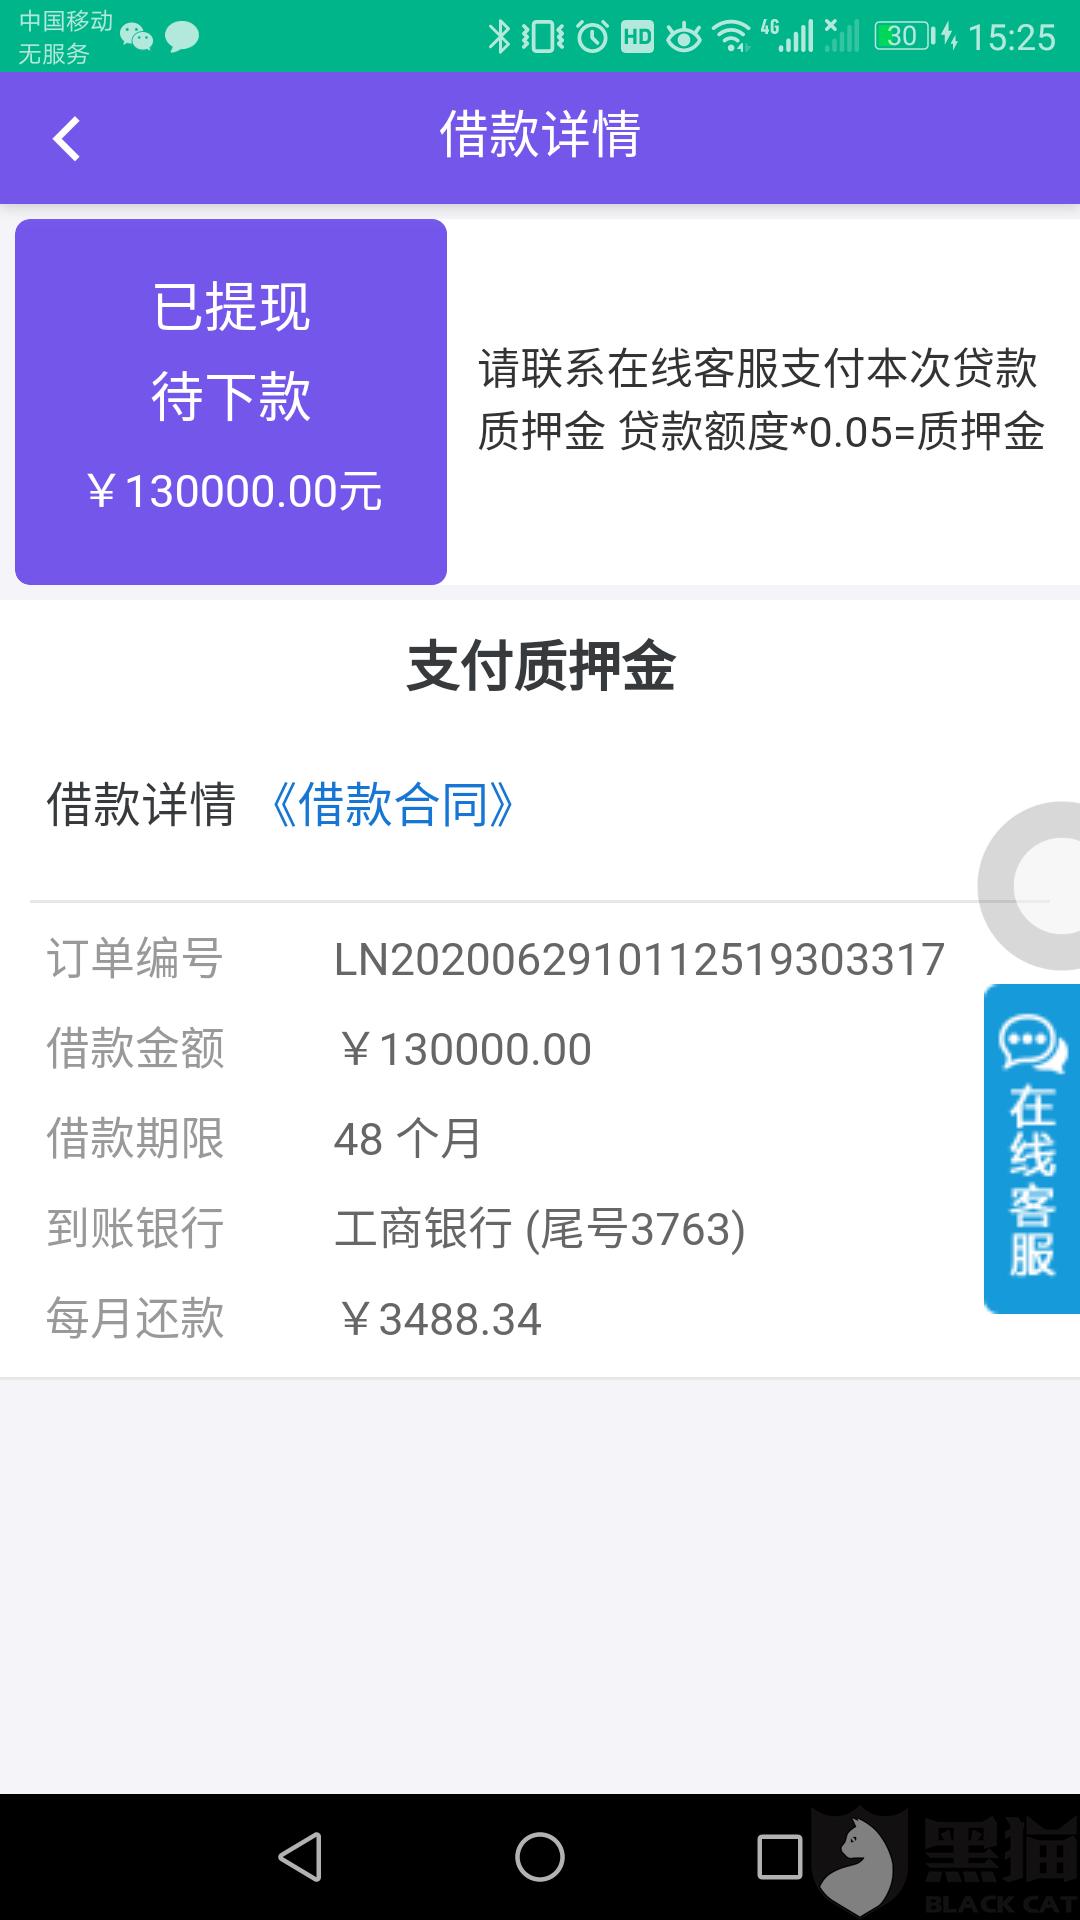 黑猫投诉:通过5年微贷,被骗于深圳前海微众银行股份有限公司签贷款合同。